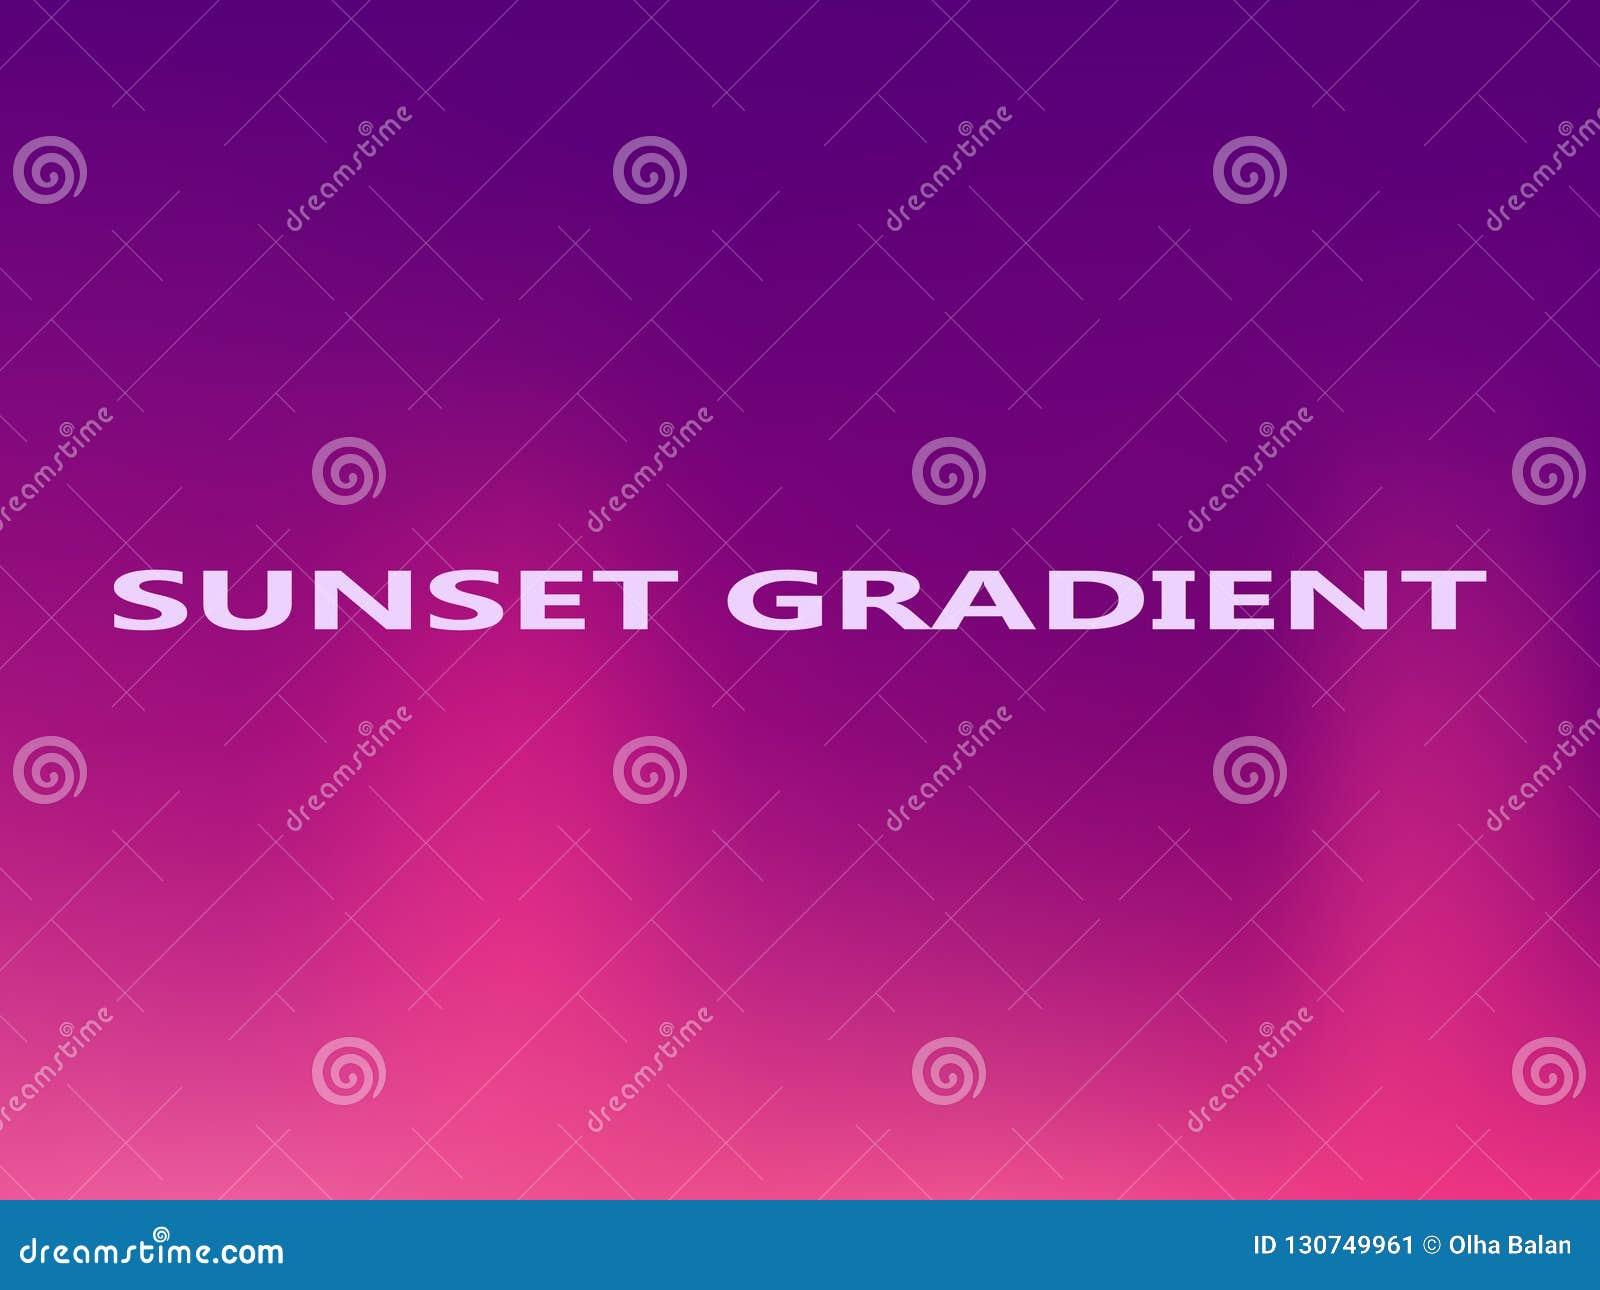 Violet Neon Background